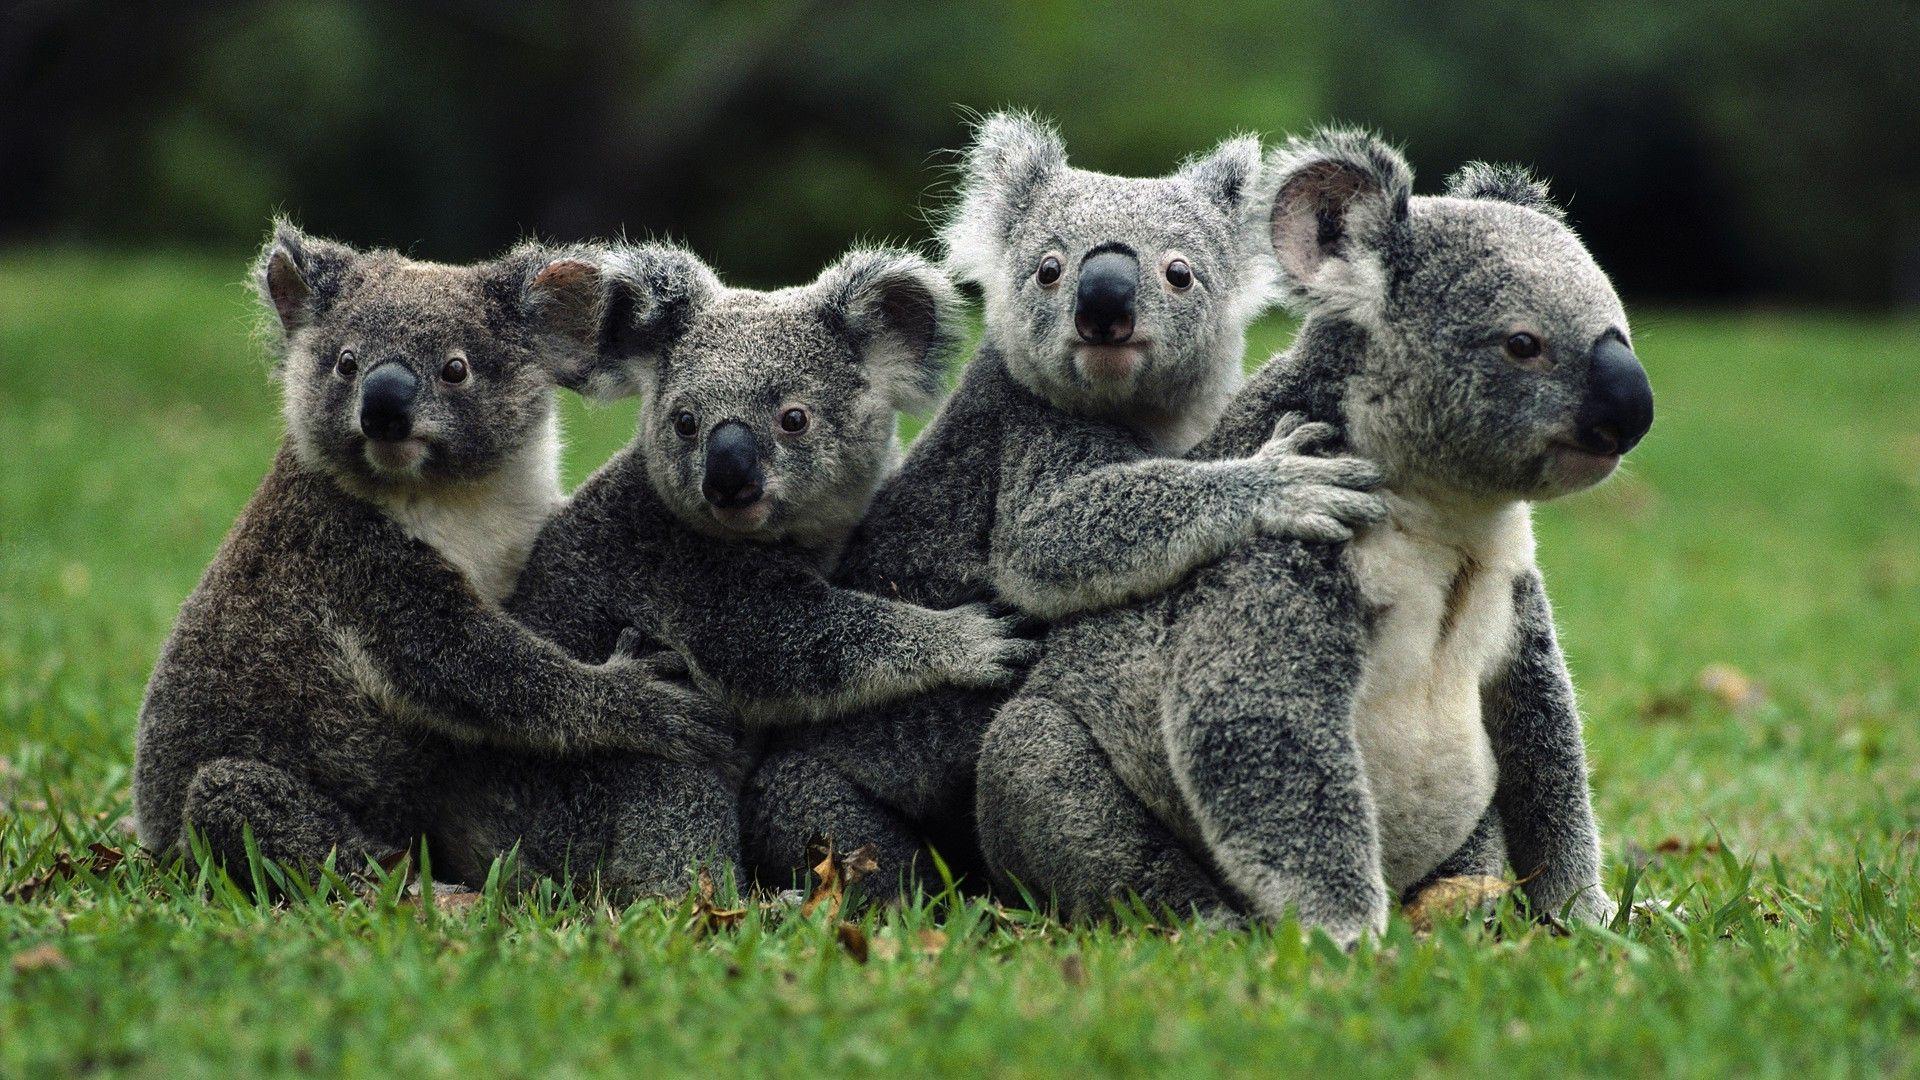 Animals Australia Koala